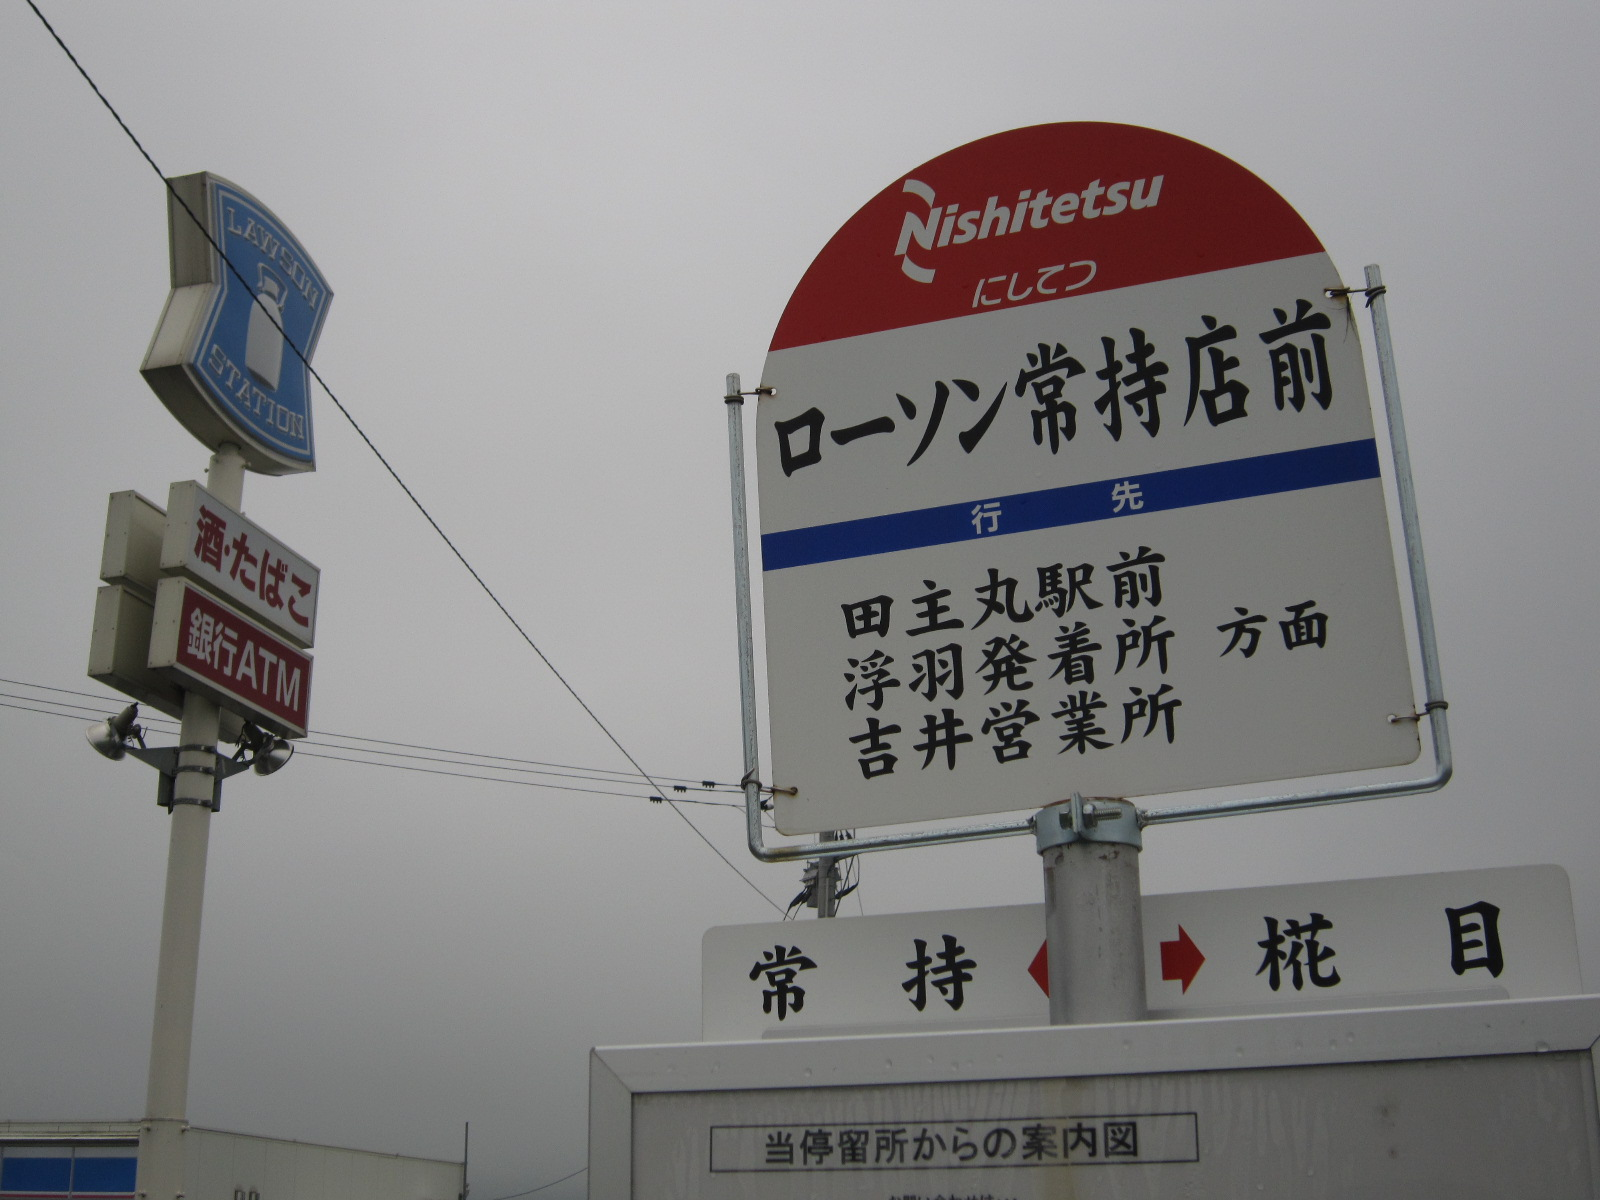 【駅メモ!】ステーションメモリーズ!90リンク [無断転載禁止]©2ch.net->画像>60枚